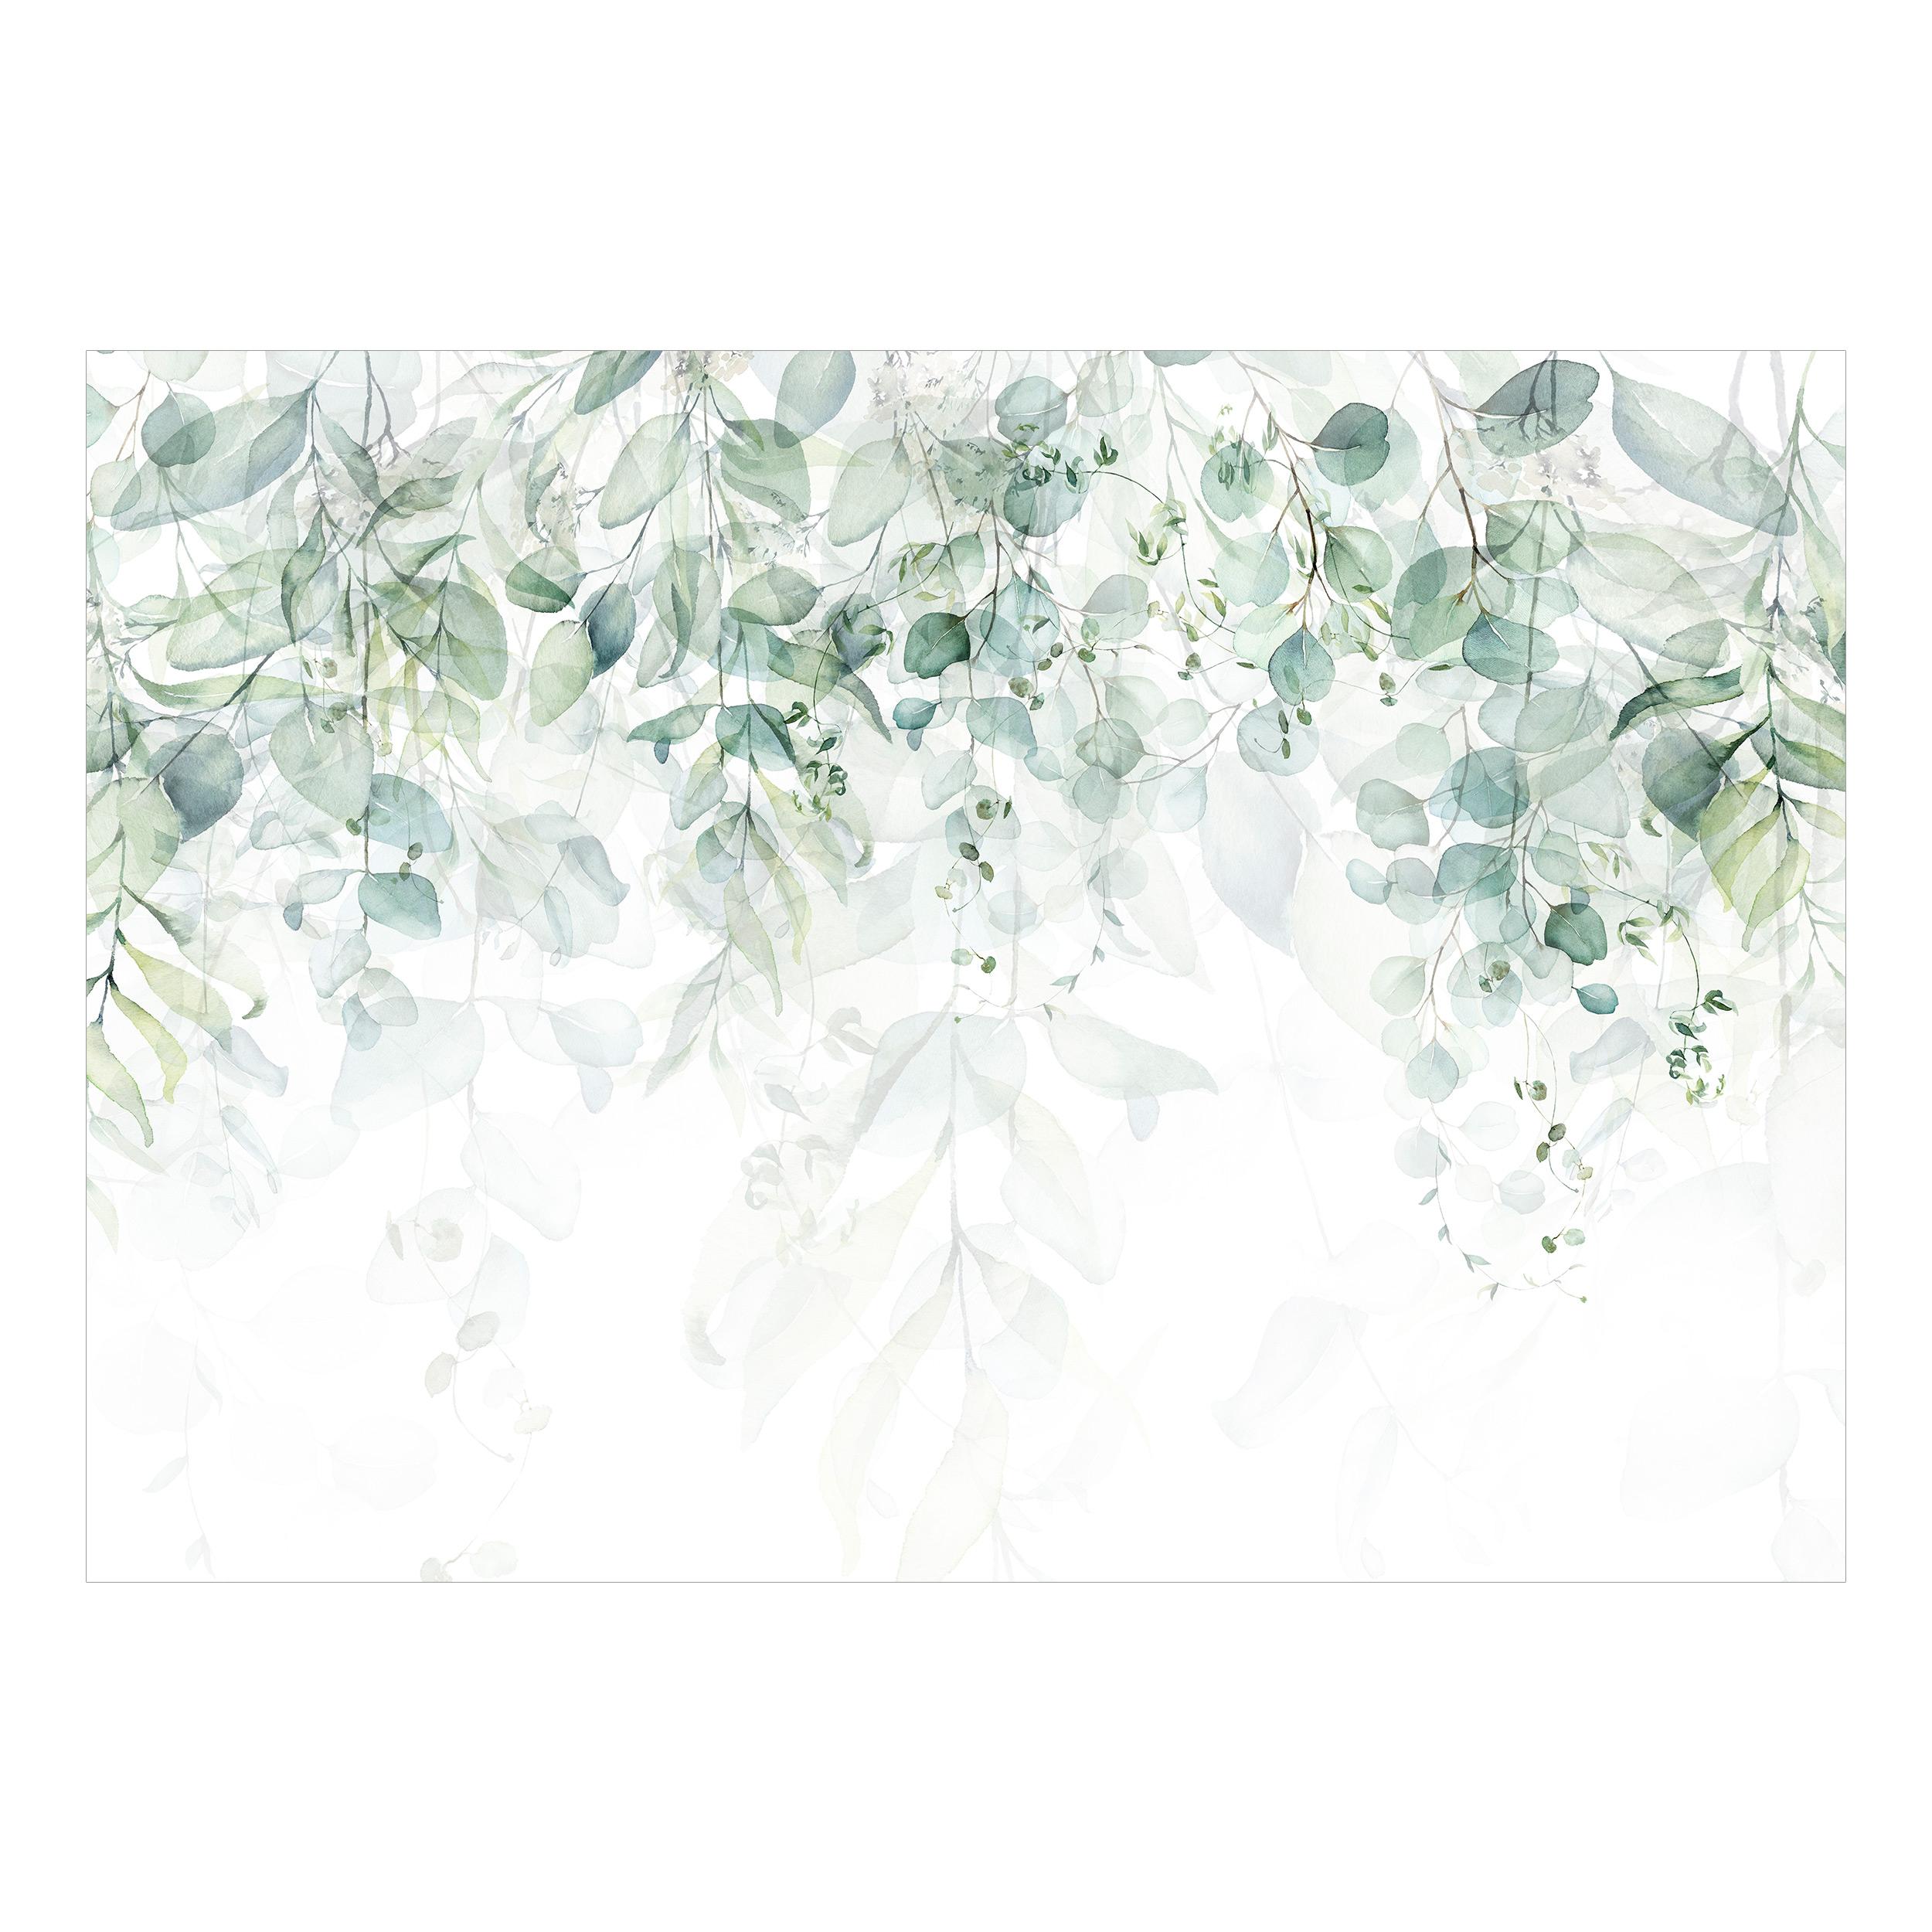 Effet Nature Papier peint Mur Images XXL Salon Nappes Papier peint Feuilles Aquarelle